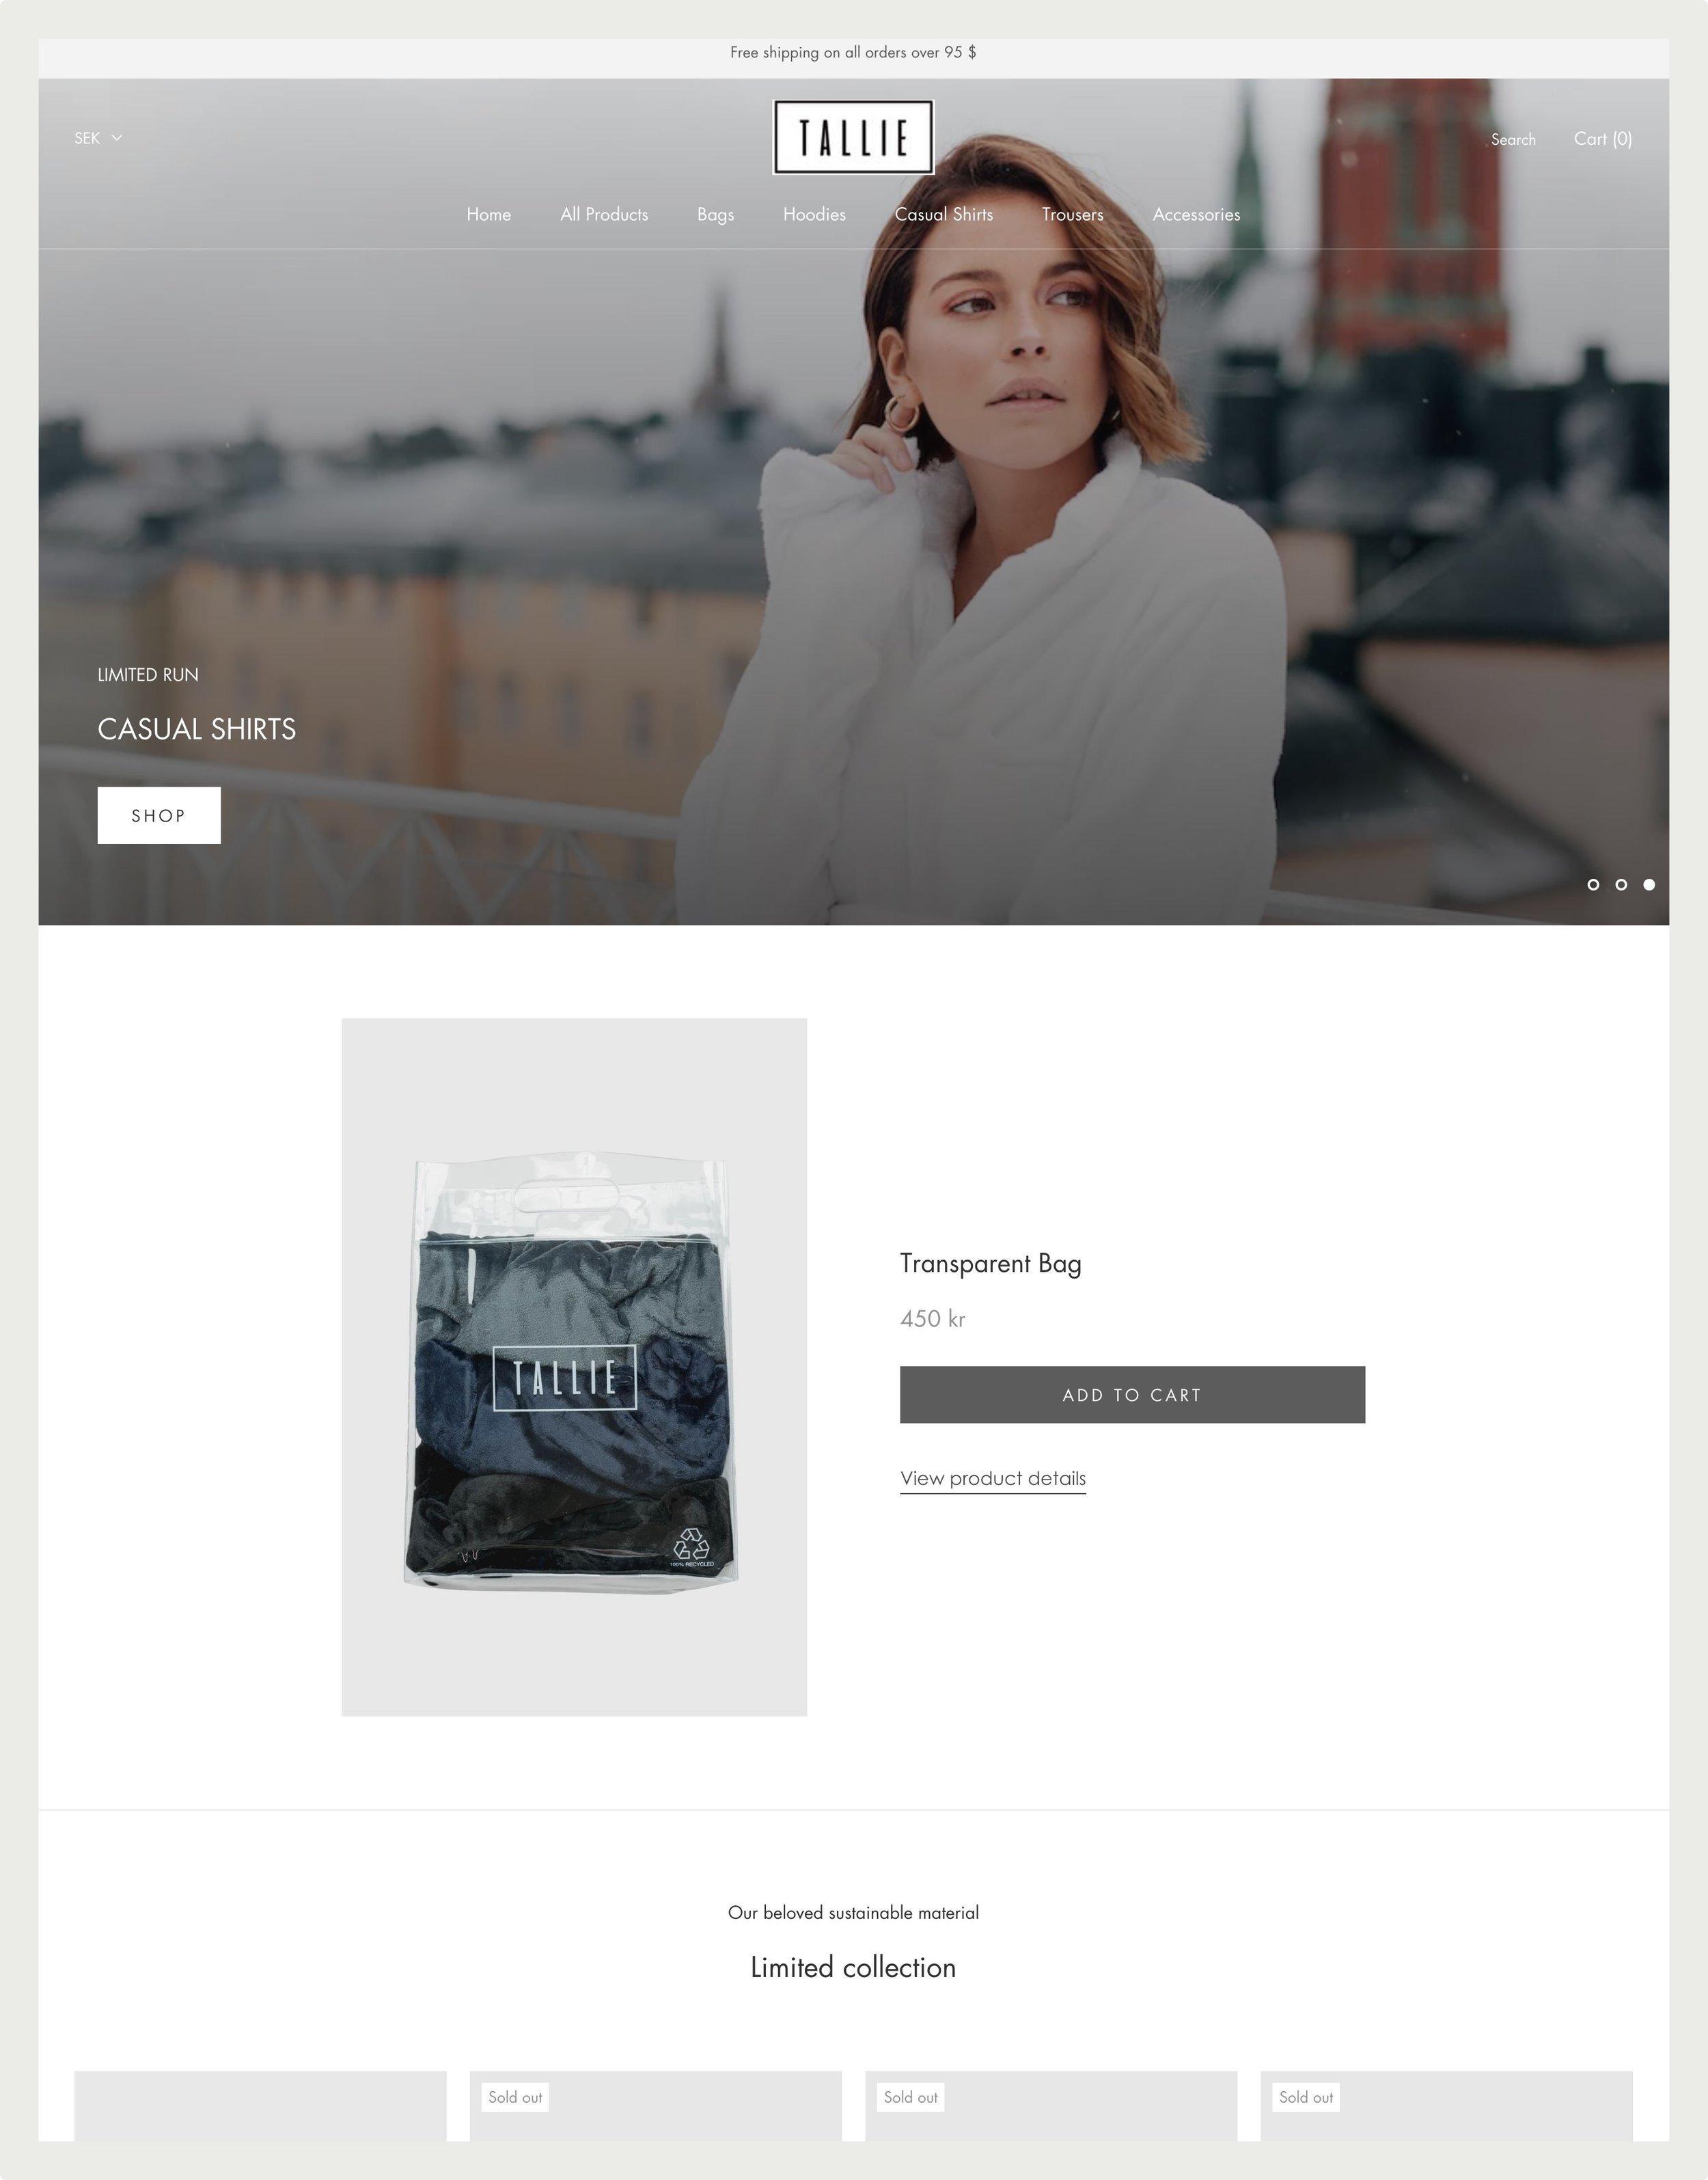 framtidens-webbyrå-uppdrag-webbplats-tallie.jpg